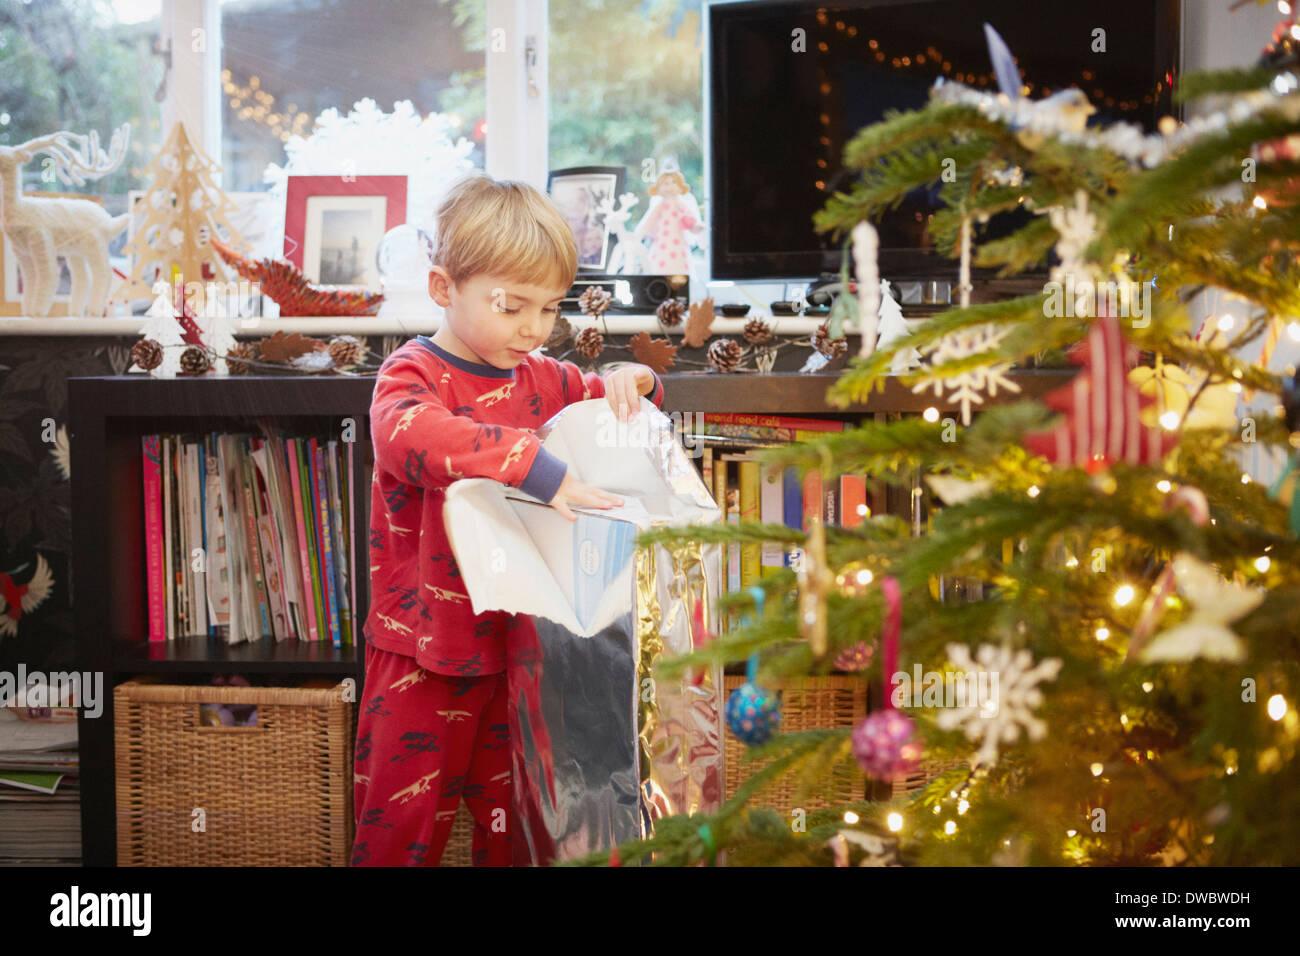 Joven desembalaje de regalo en Navidad Imagen De Stock